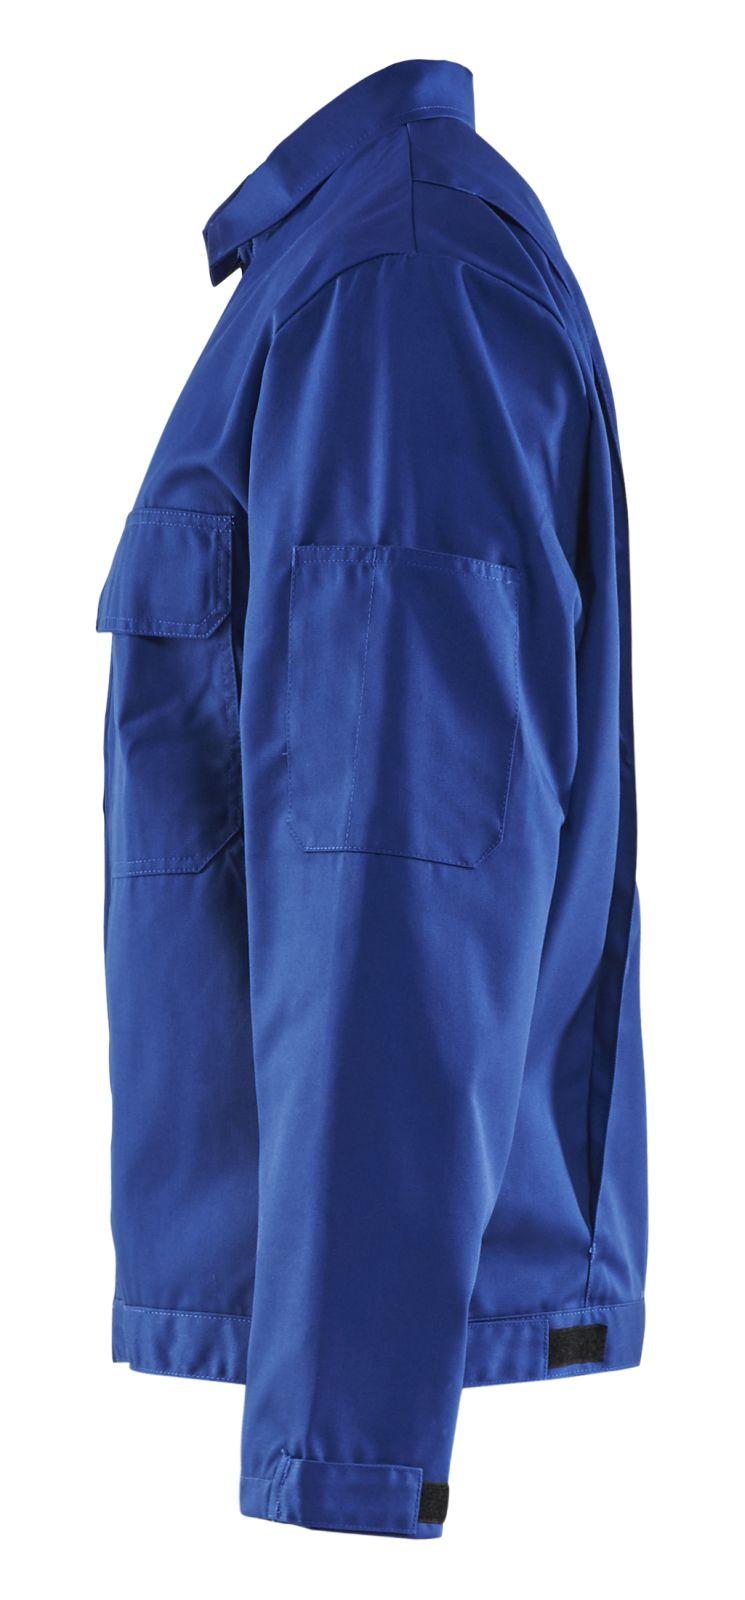 Blaklader Combi-jacks 47201800 korenblauw(8500)